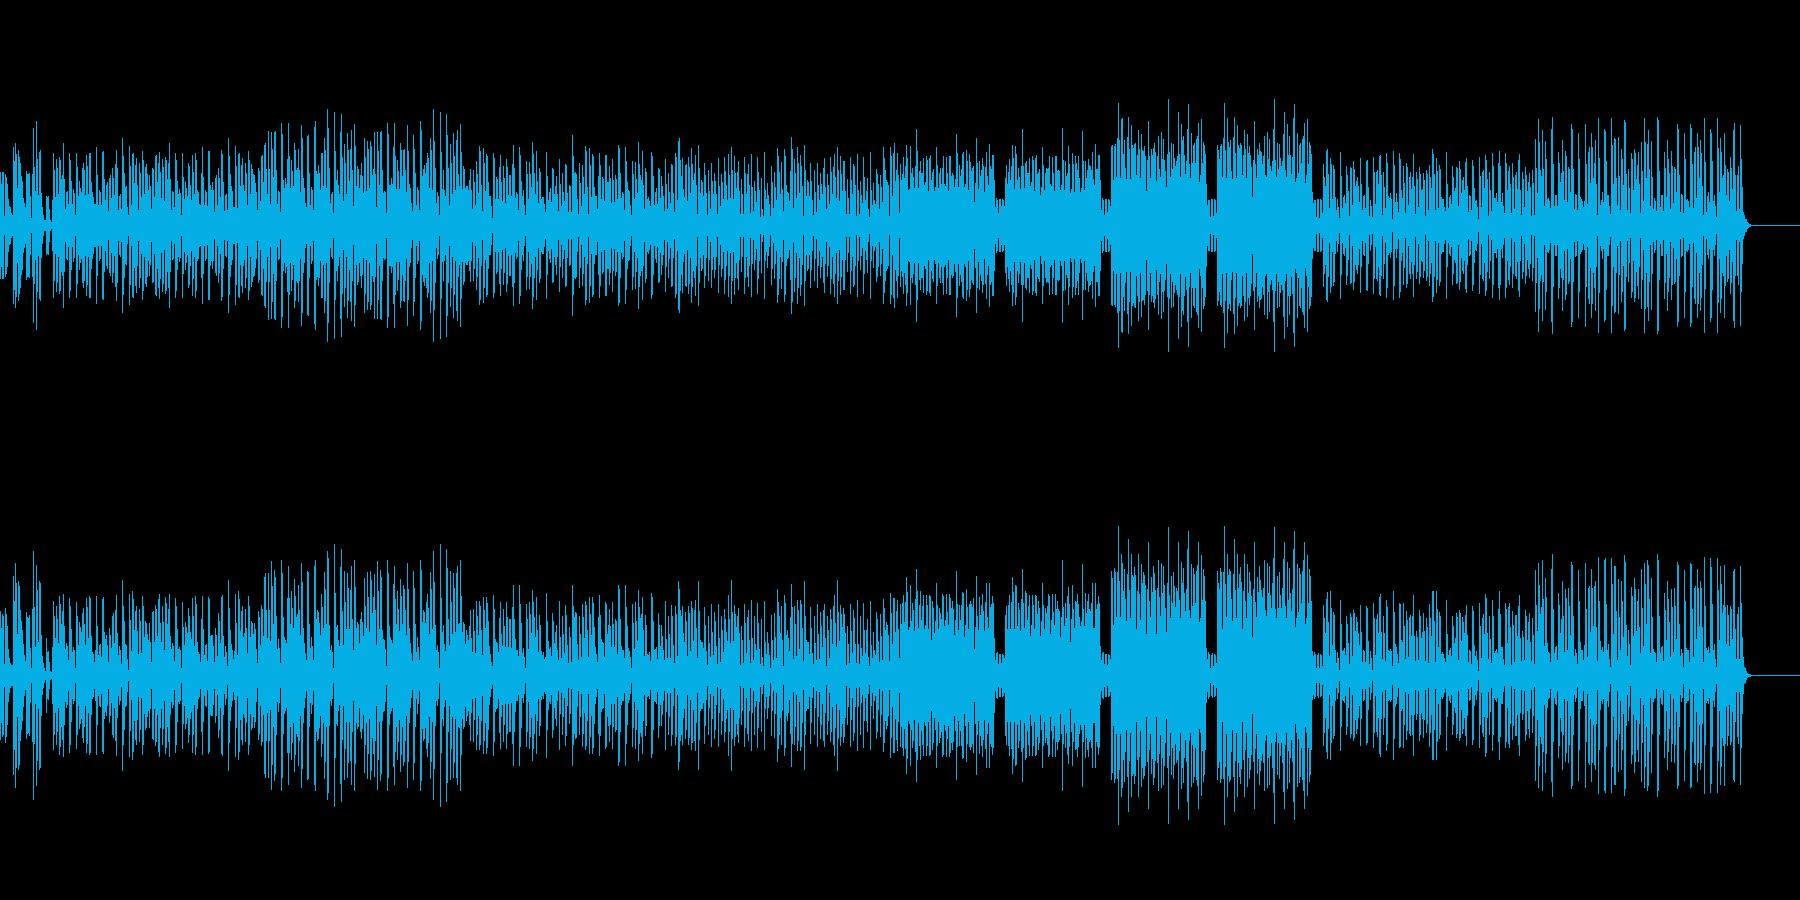 動画 何かをやってみたときのBGM2の再生済みの波形